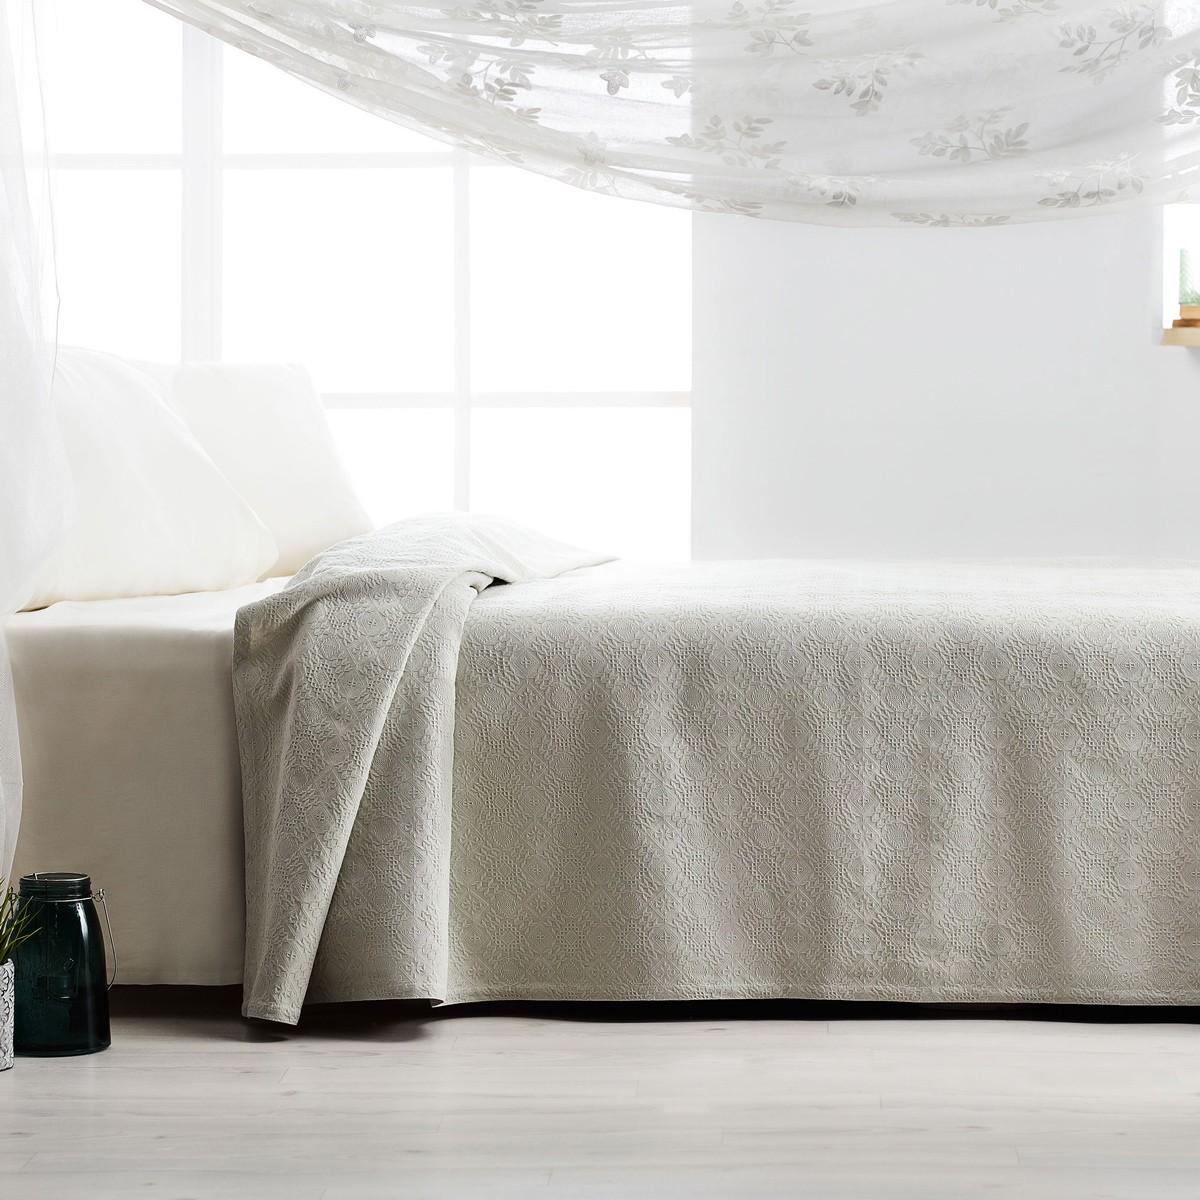 Κουβερτόριο Υπέρδιπλο Gofis Home Tenzin Mint 284/18 home   κρεβατοκάμαρα   κουβέρτες   κουβέρτες καλοκαιρινές υπέρδιπλες